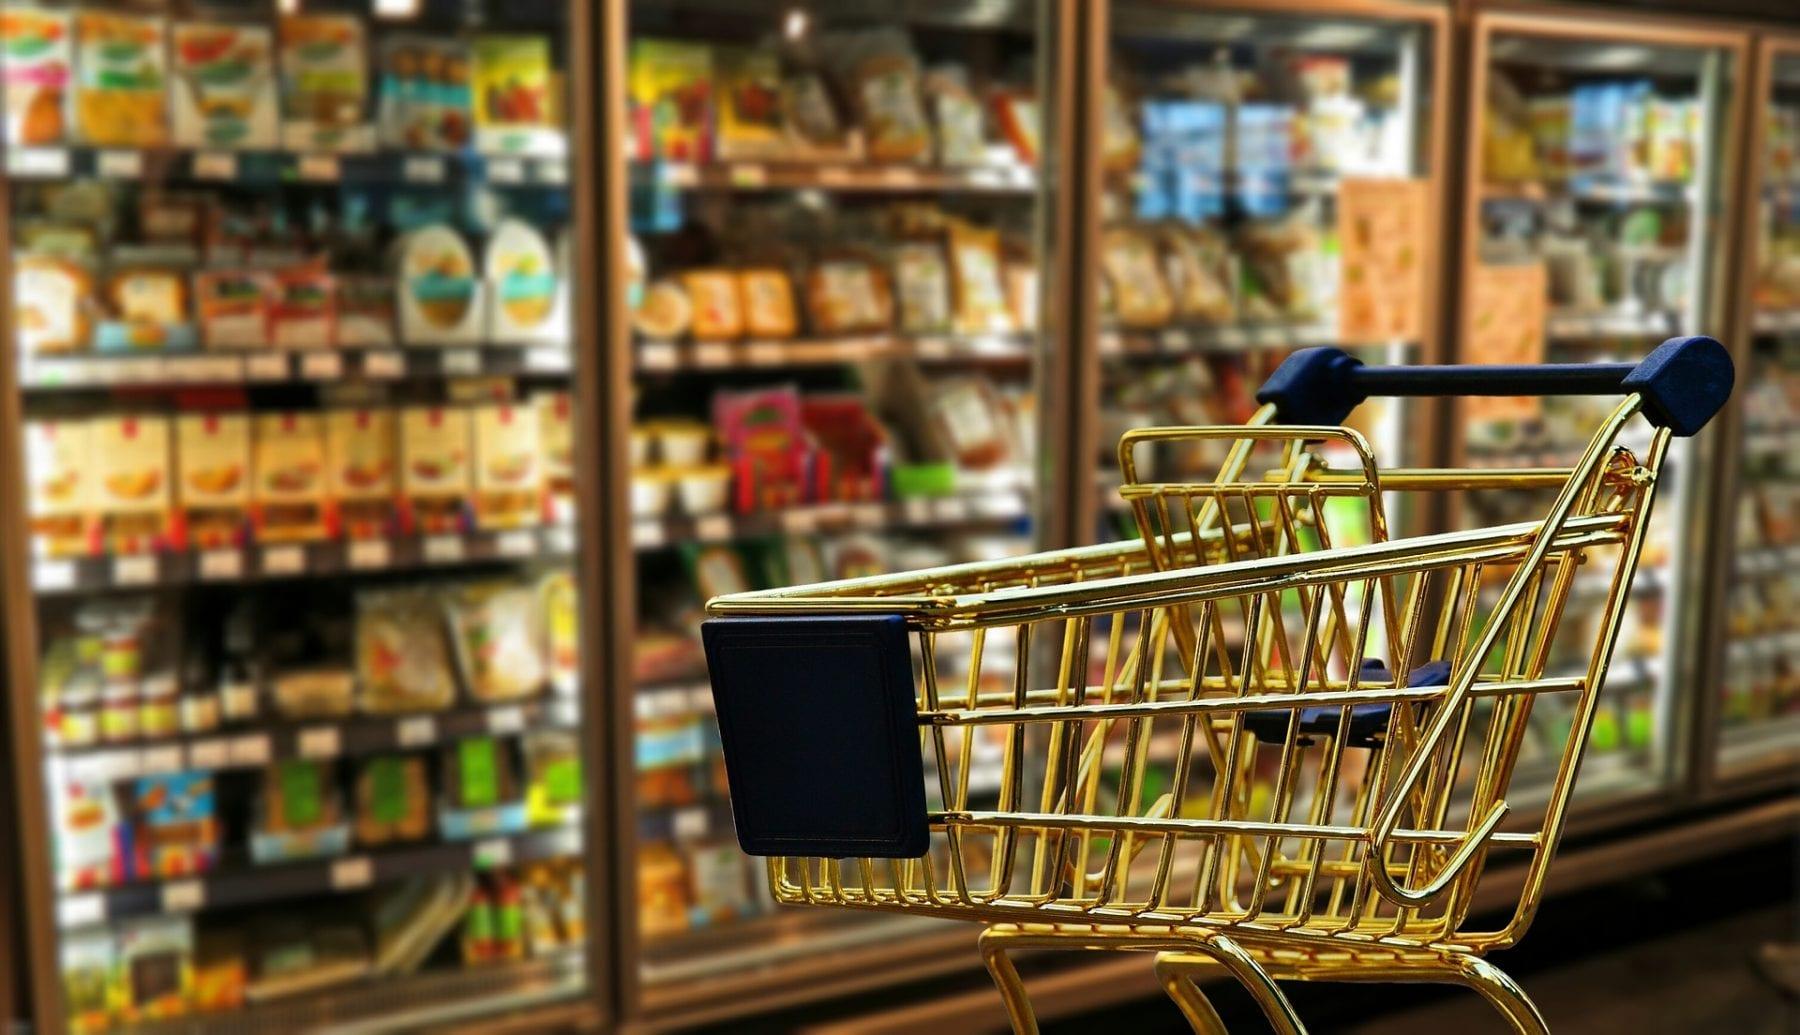 干货分享:增肌减脂需备的超市购物清单